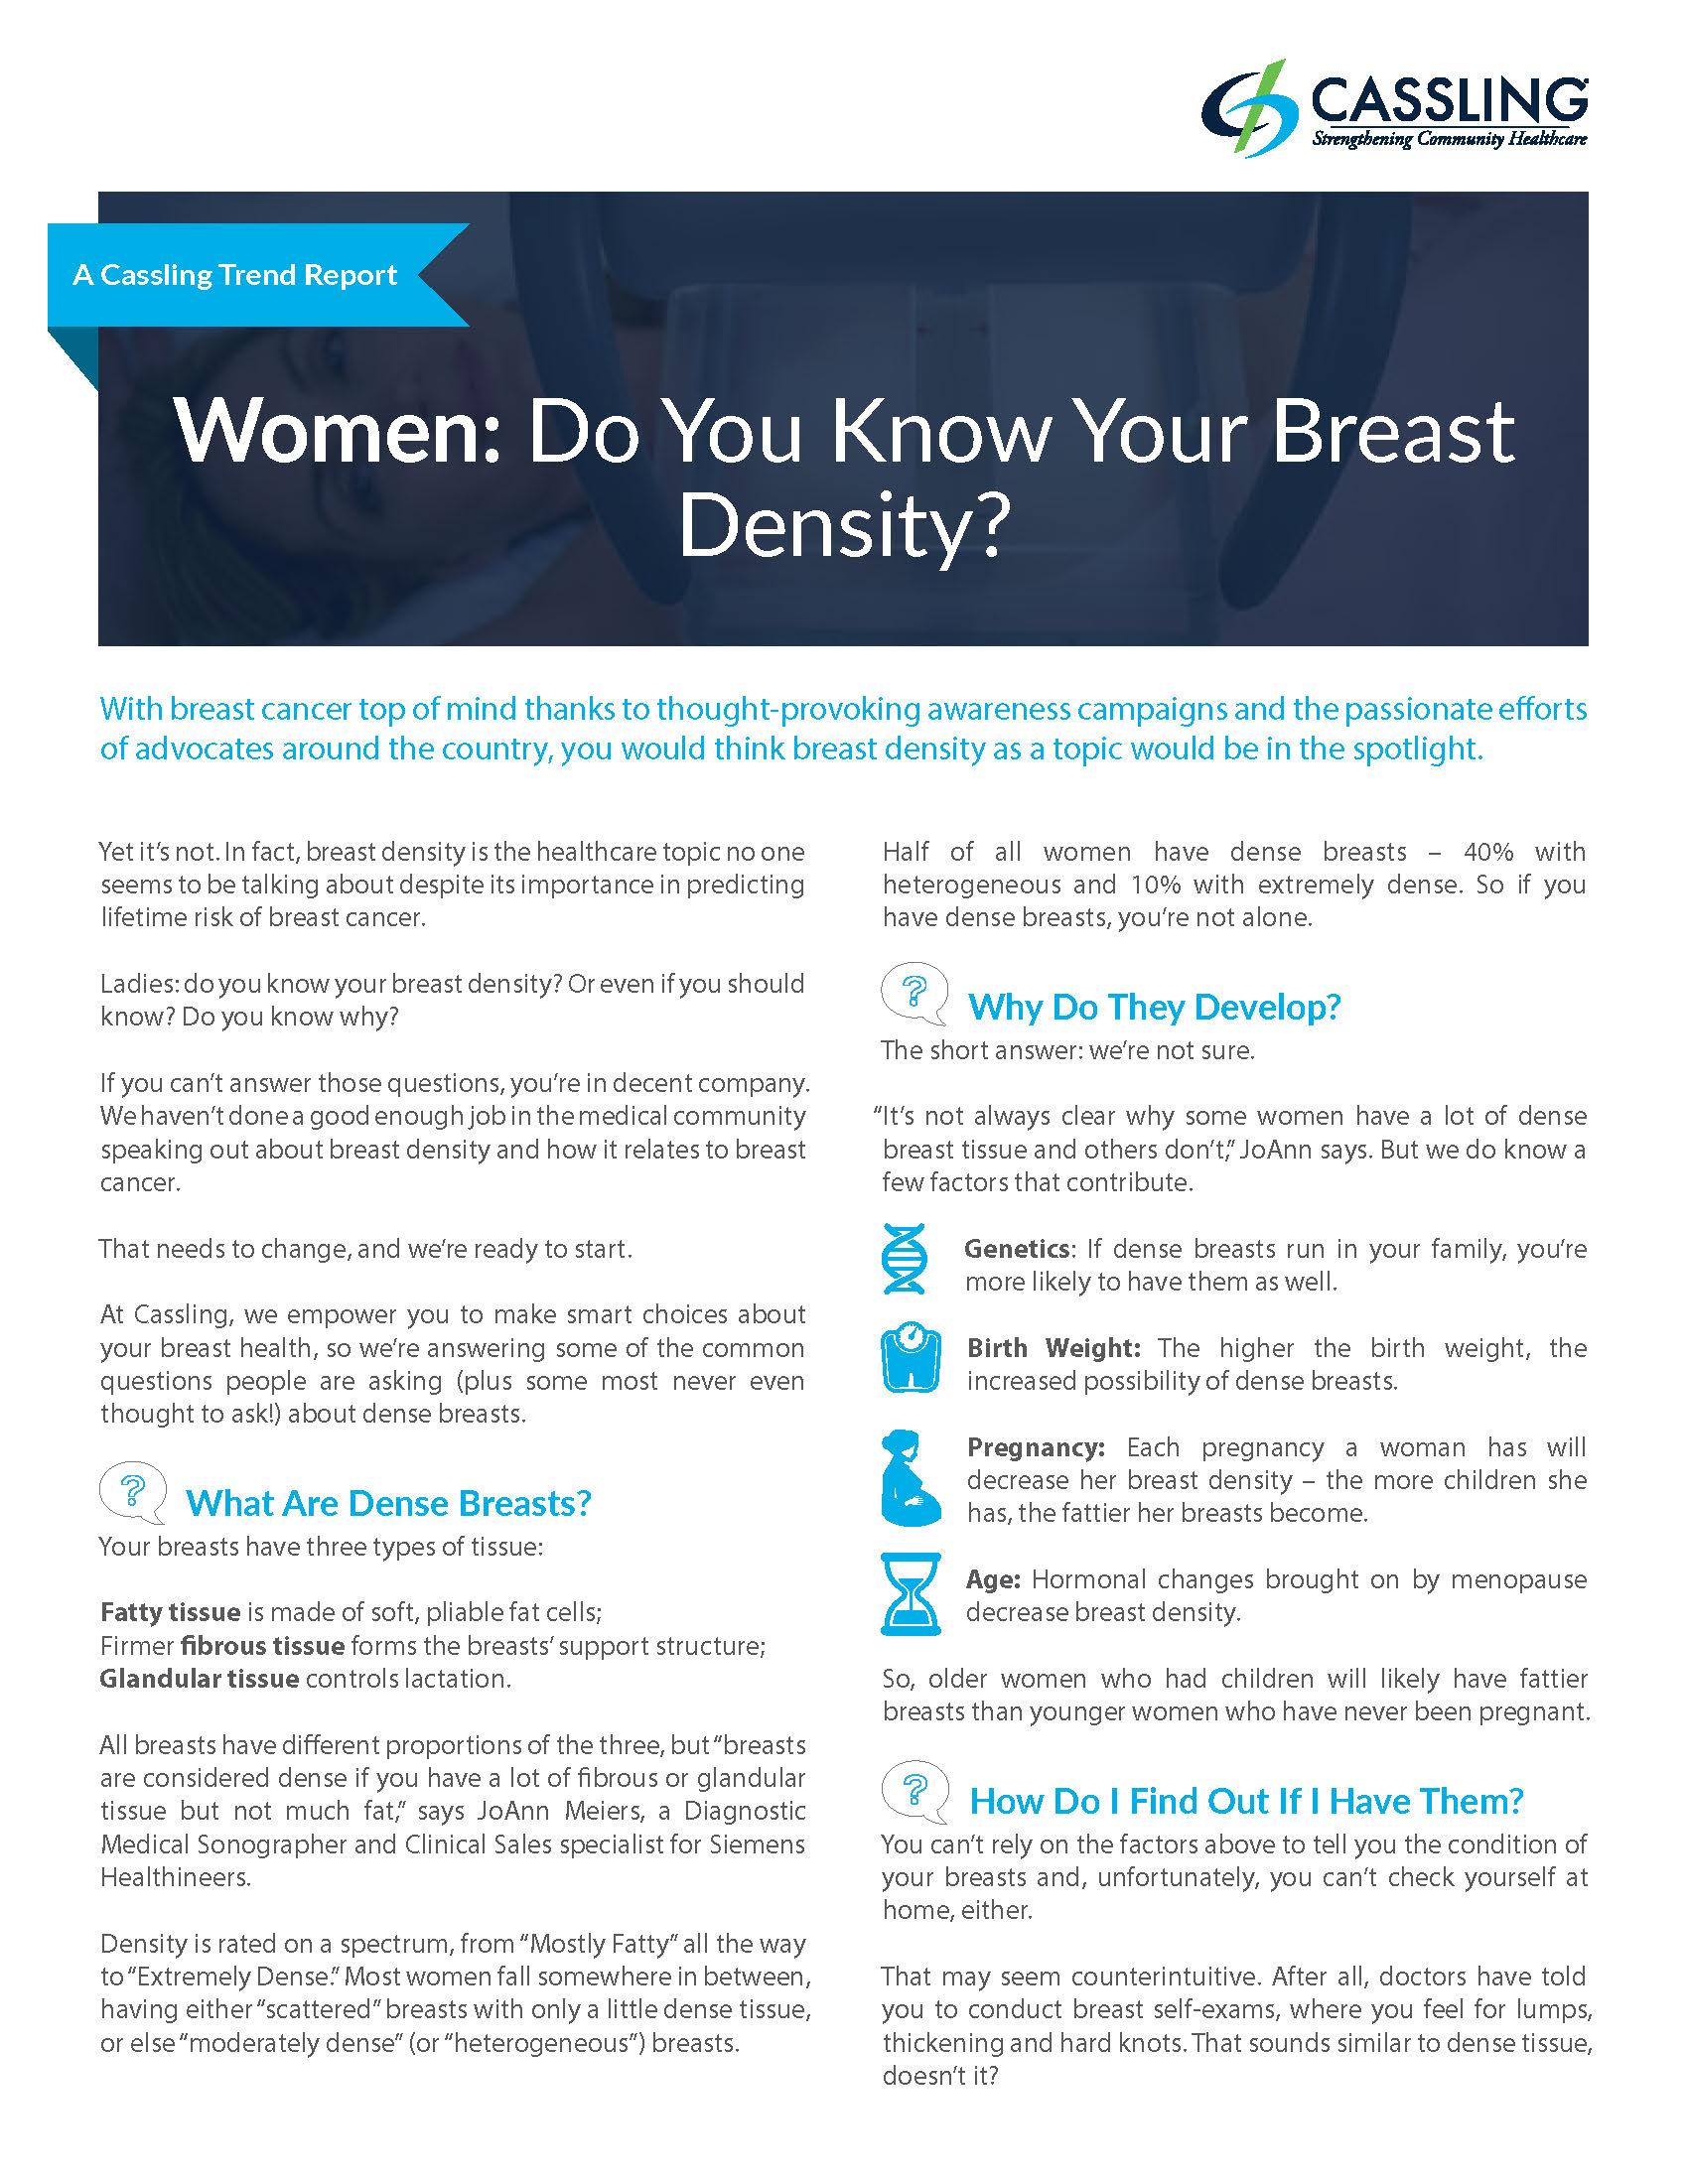 ABVS-Breast-Density-TrendReport-Cover.jpg